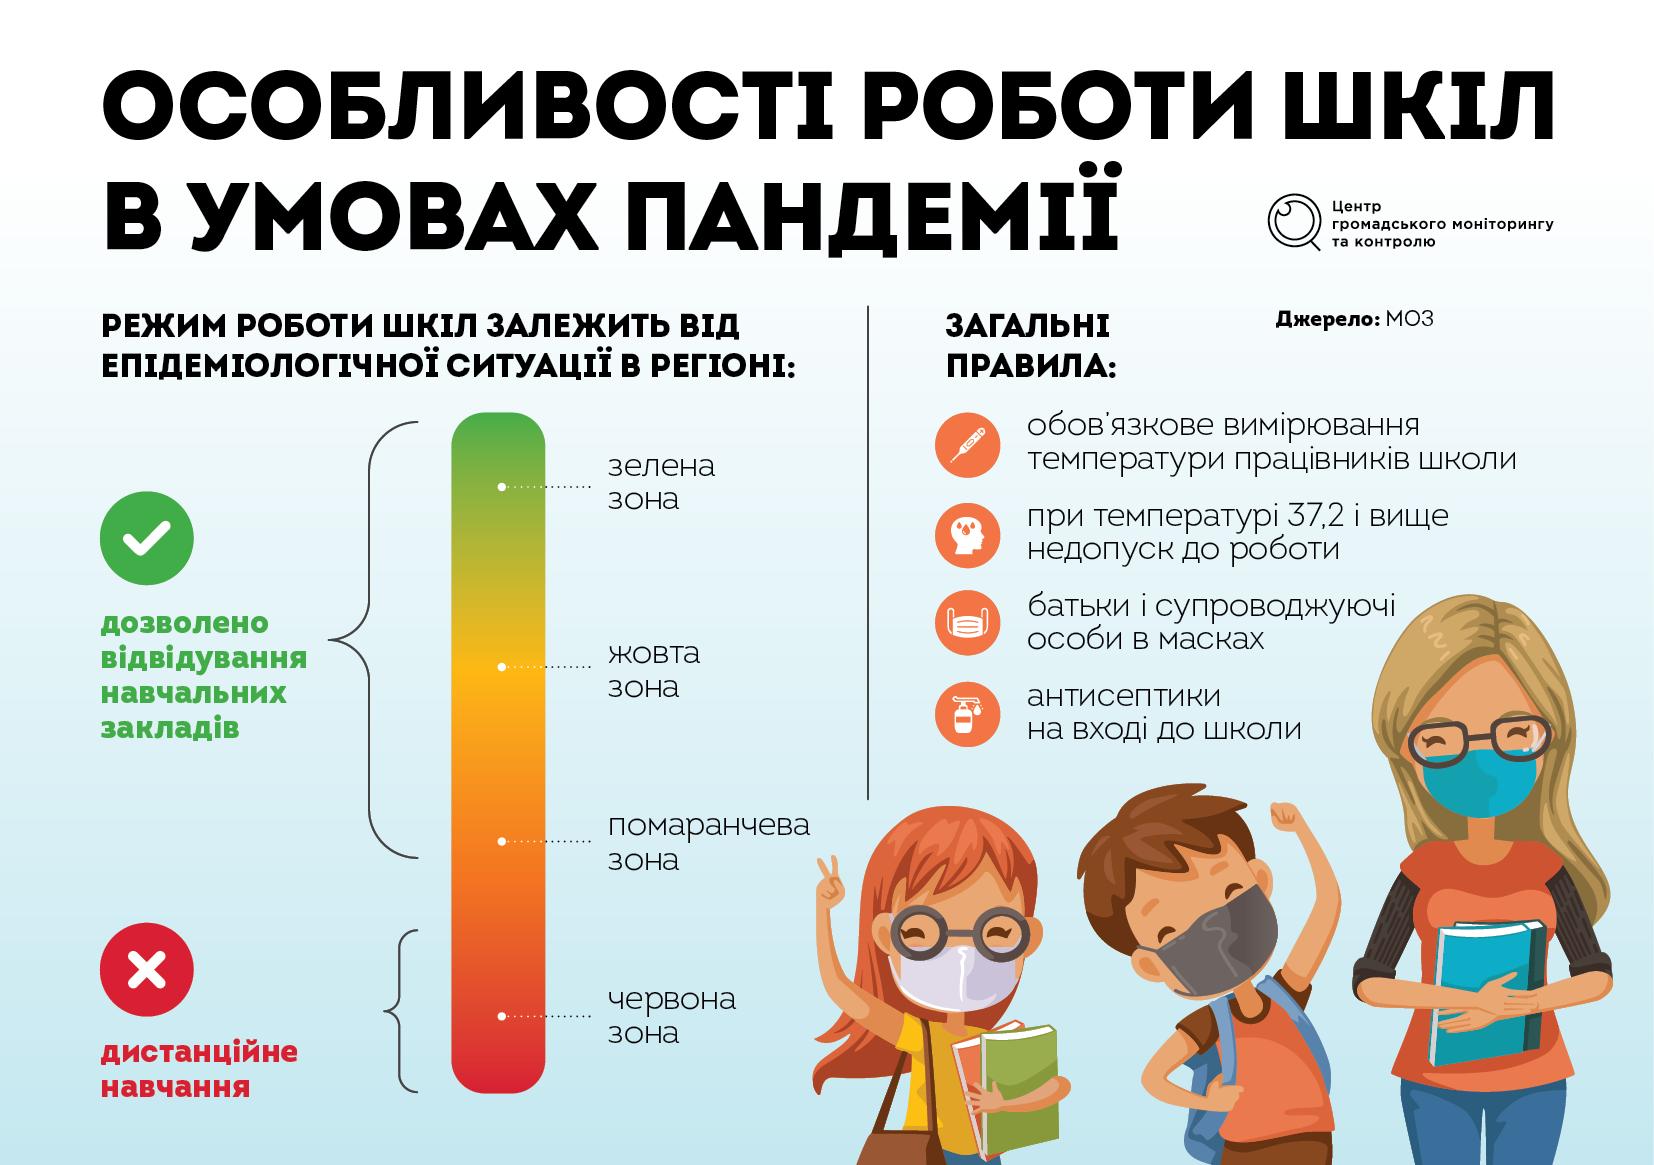 Як розпочнеться навчальний рік: рекомендації МОН - Україна, Освіта, МОН, карантин - Osoblyvosti shkil 1